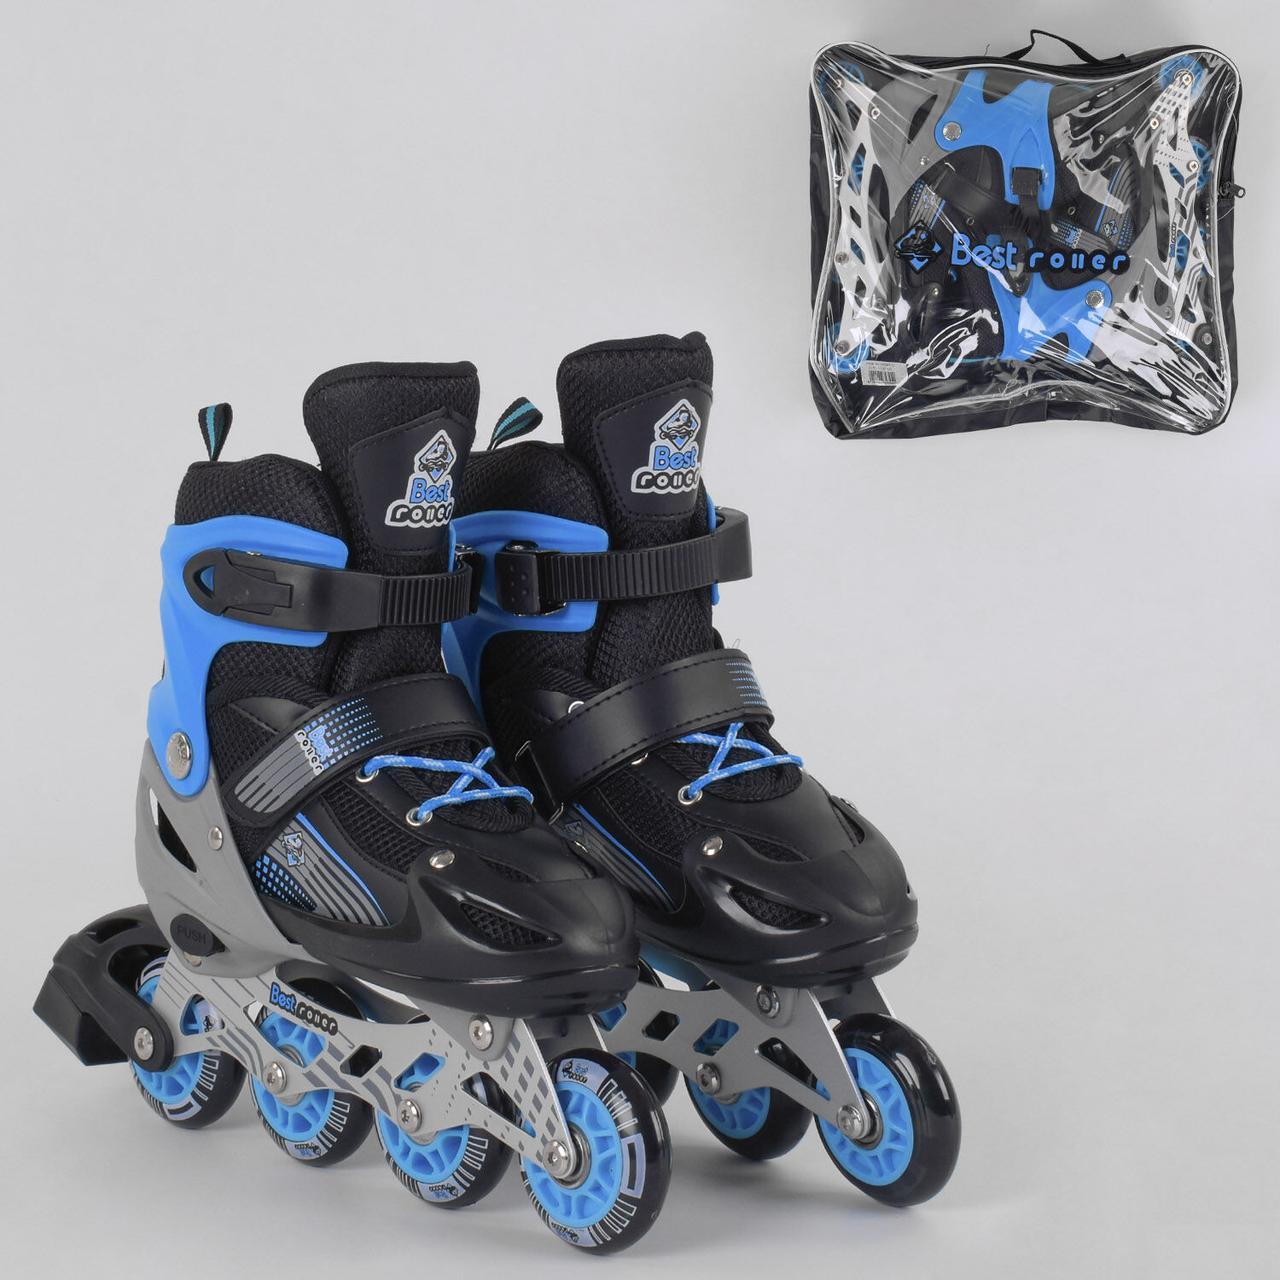 Ролики Best Rollers (Сине-черные) арт. 50077 размер M /34-37/ колёса PVC